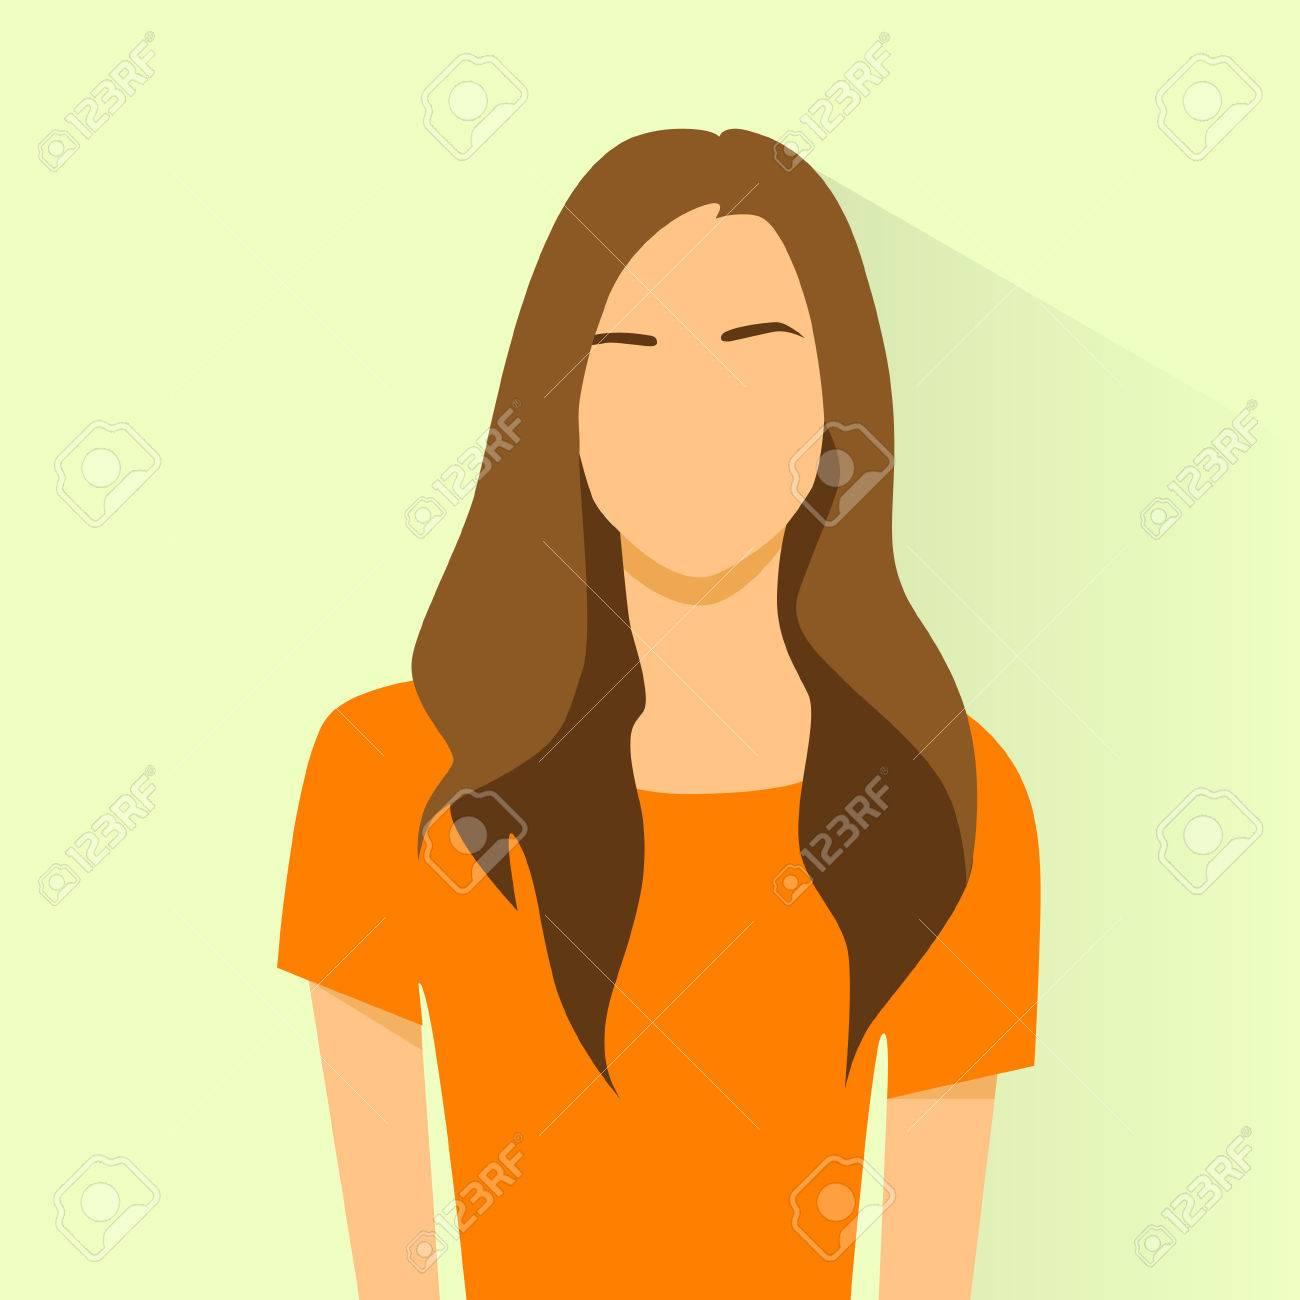 Profil avatar